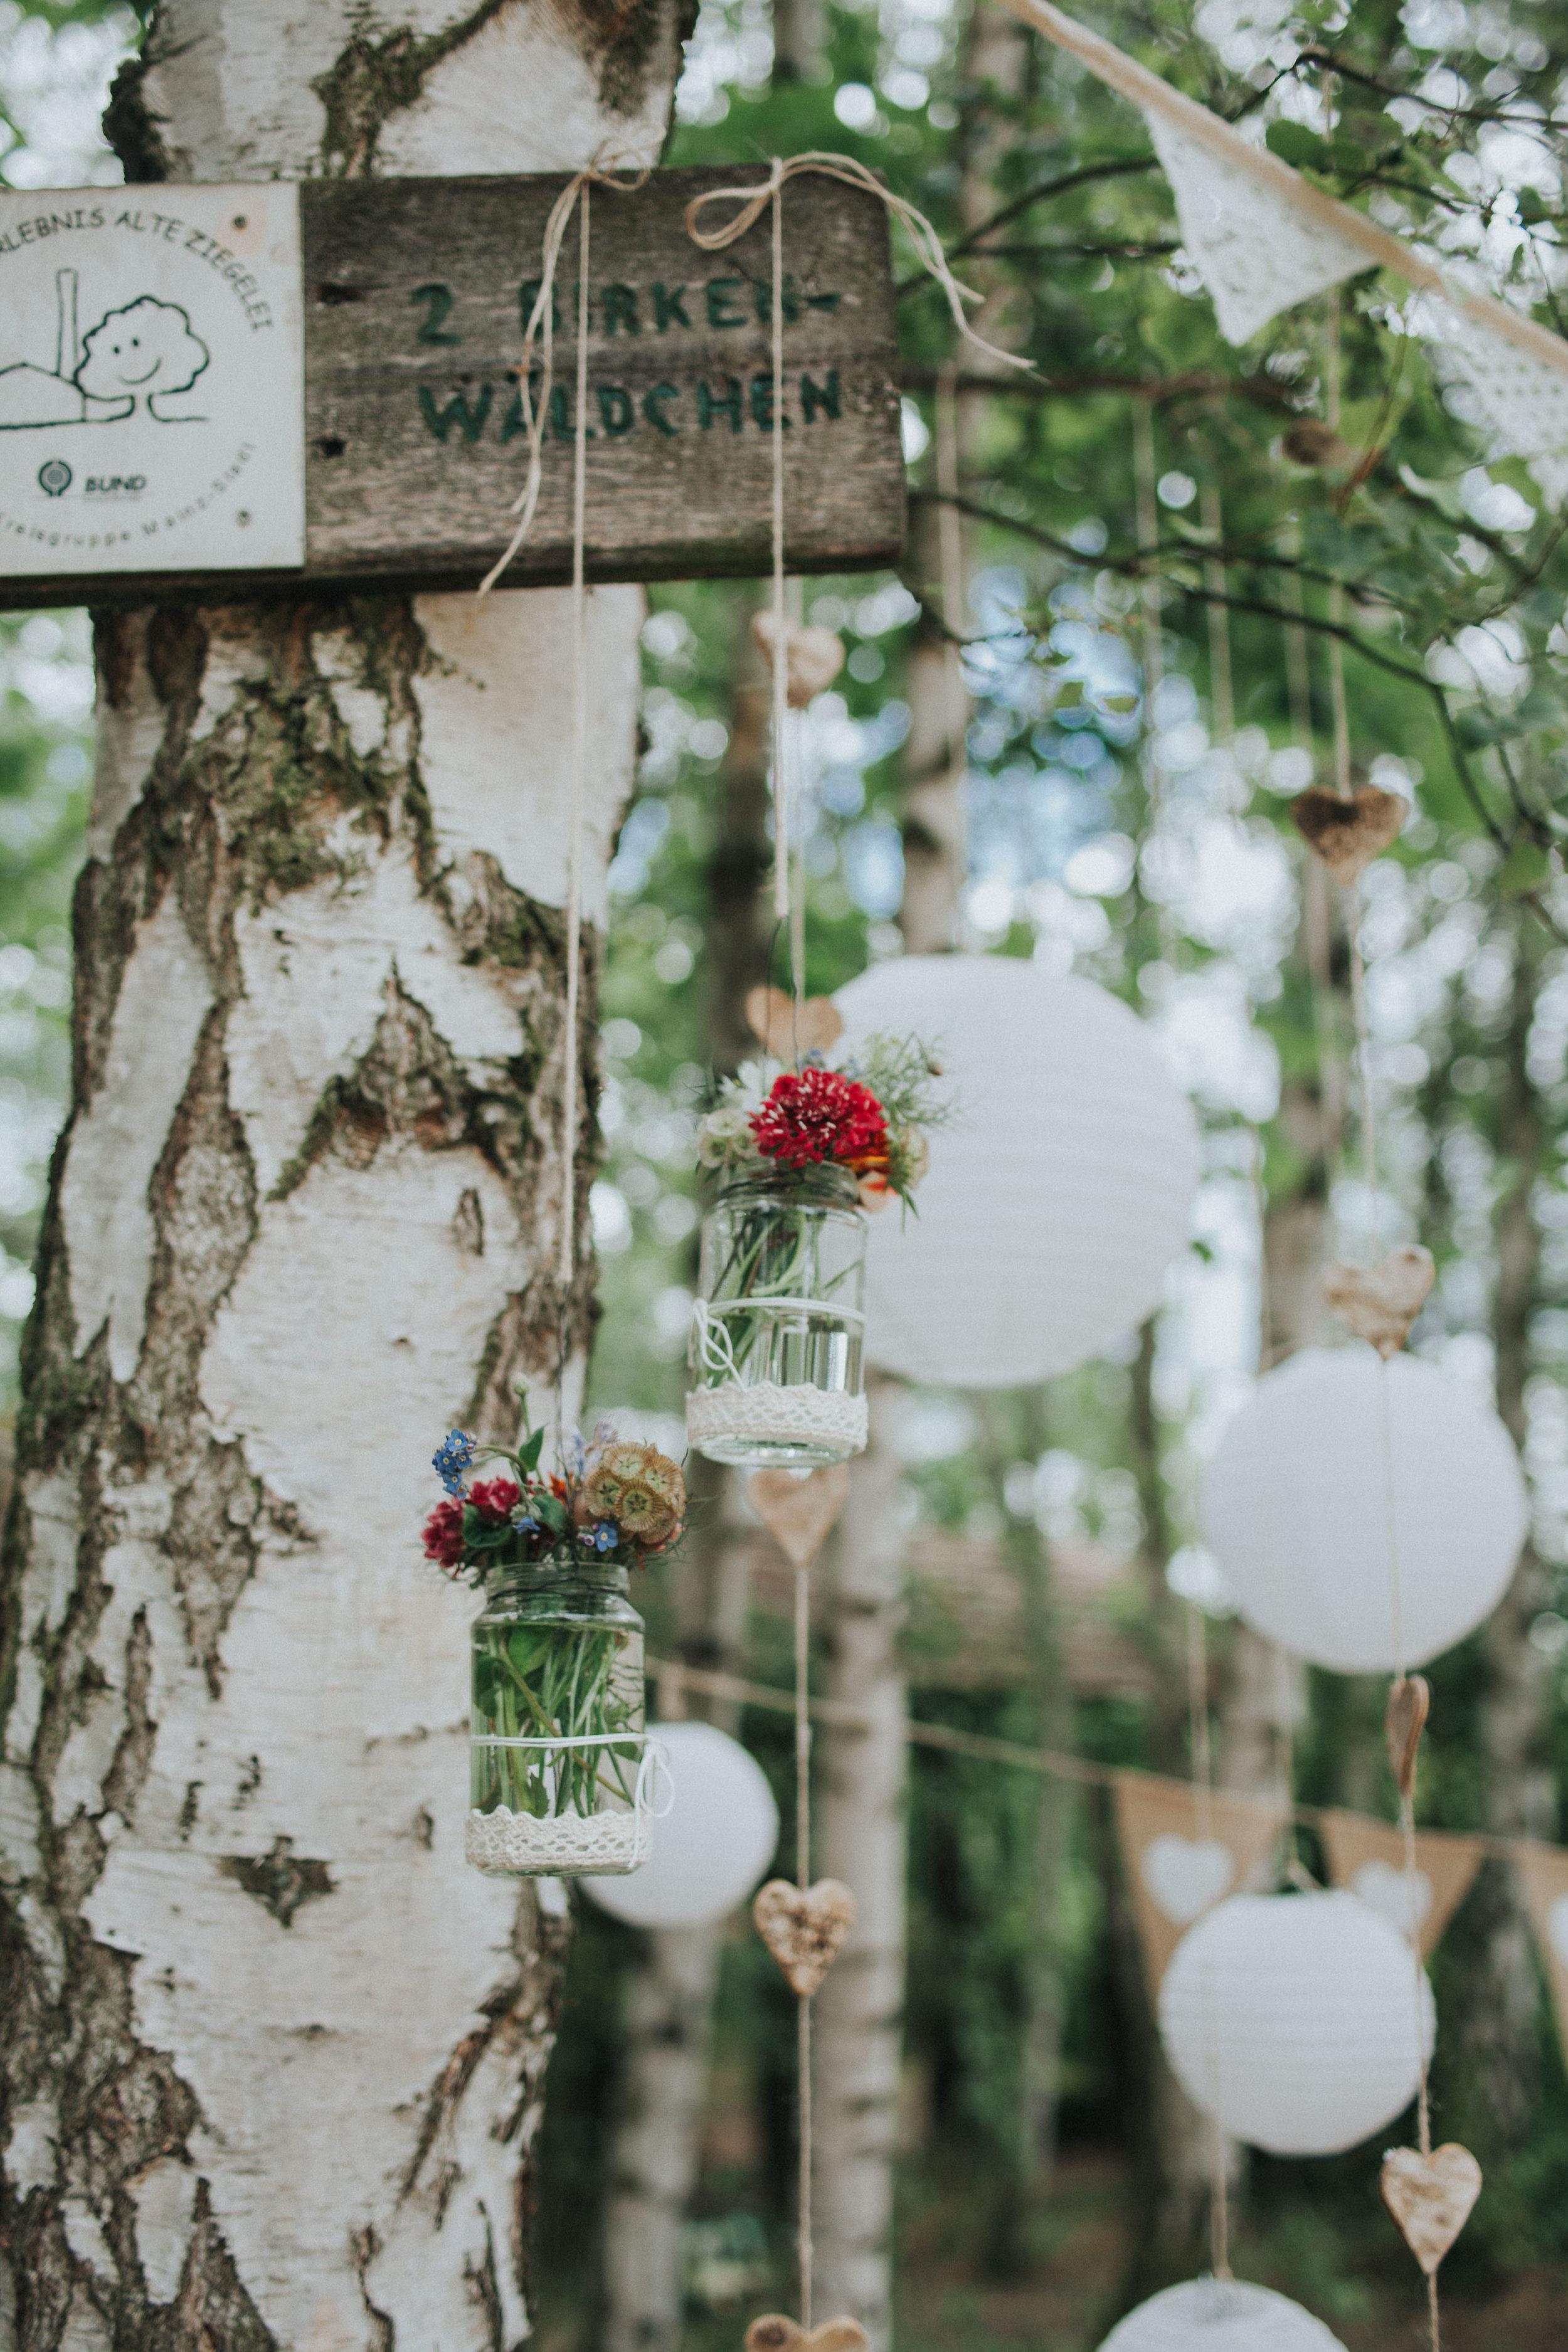 Birke geschmückt mit Blumen